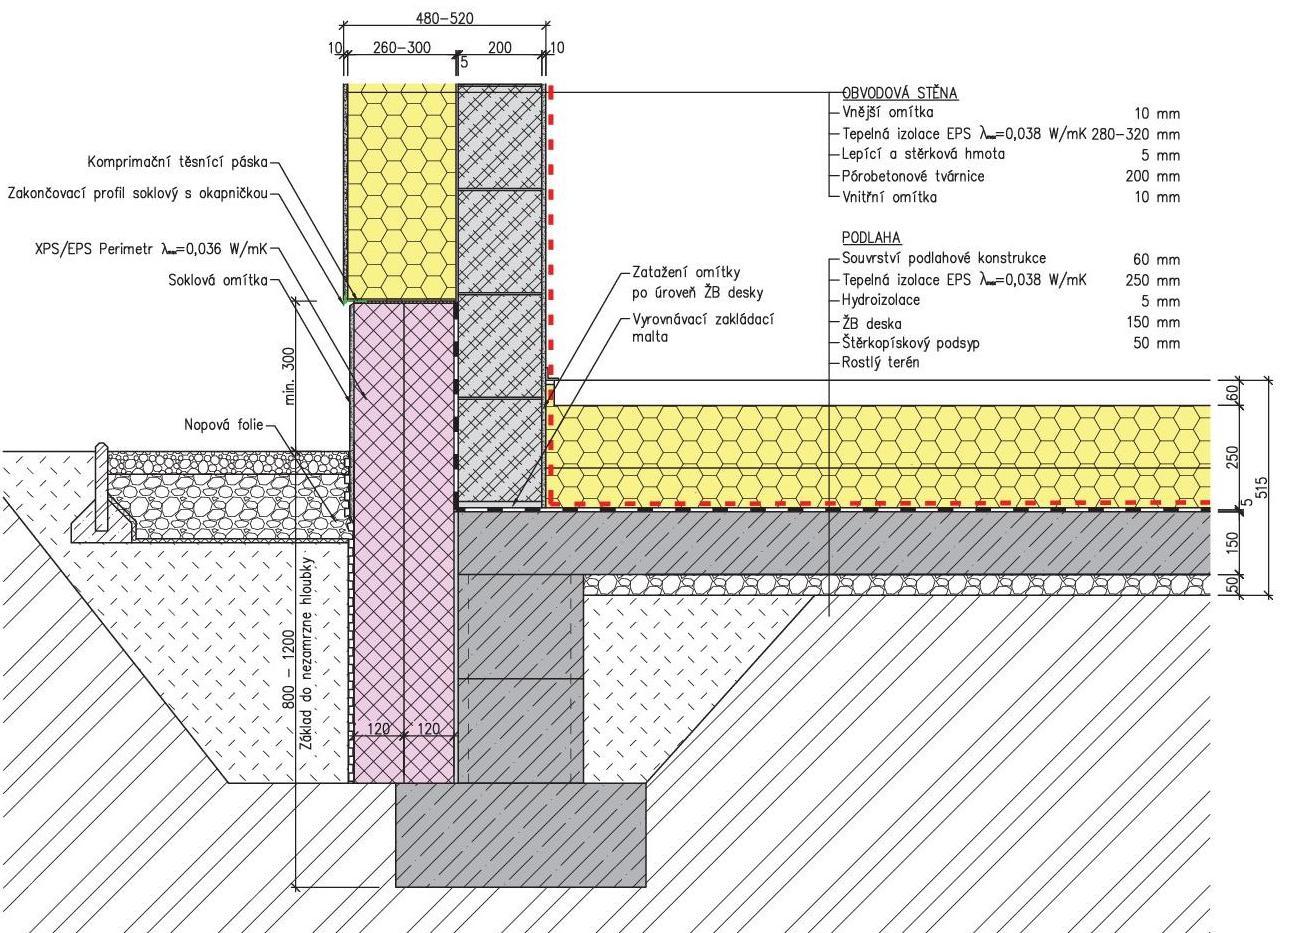 Obvodová stěna z masivní pórobetonové konstrukce u základu a izolací nad základovou deskou